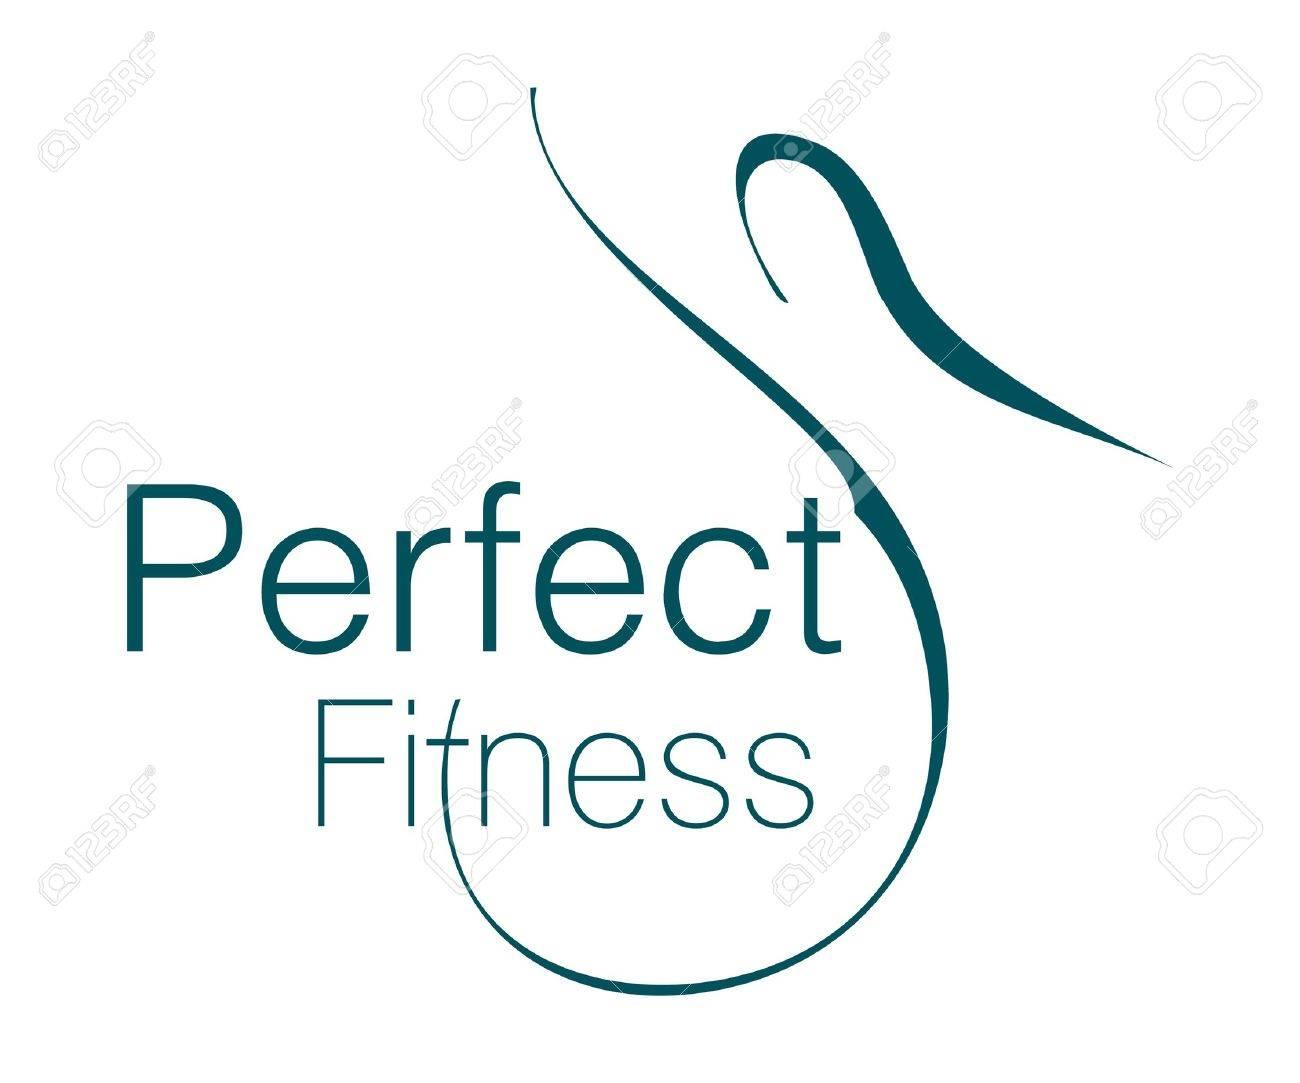 Logo Design for Fitness Club. - 8299740